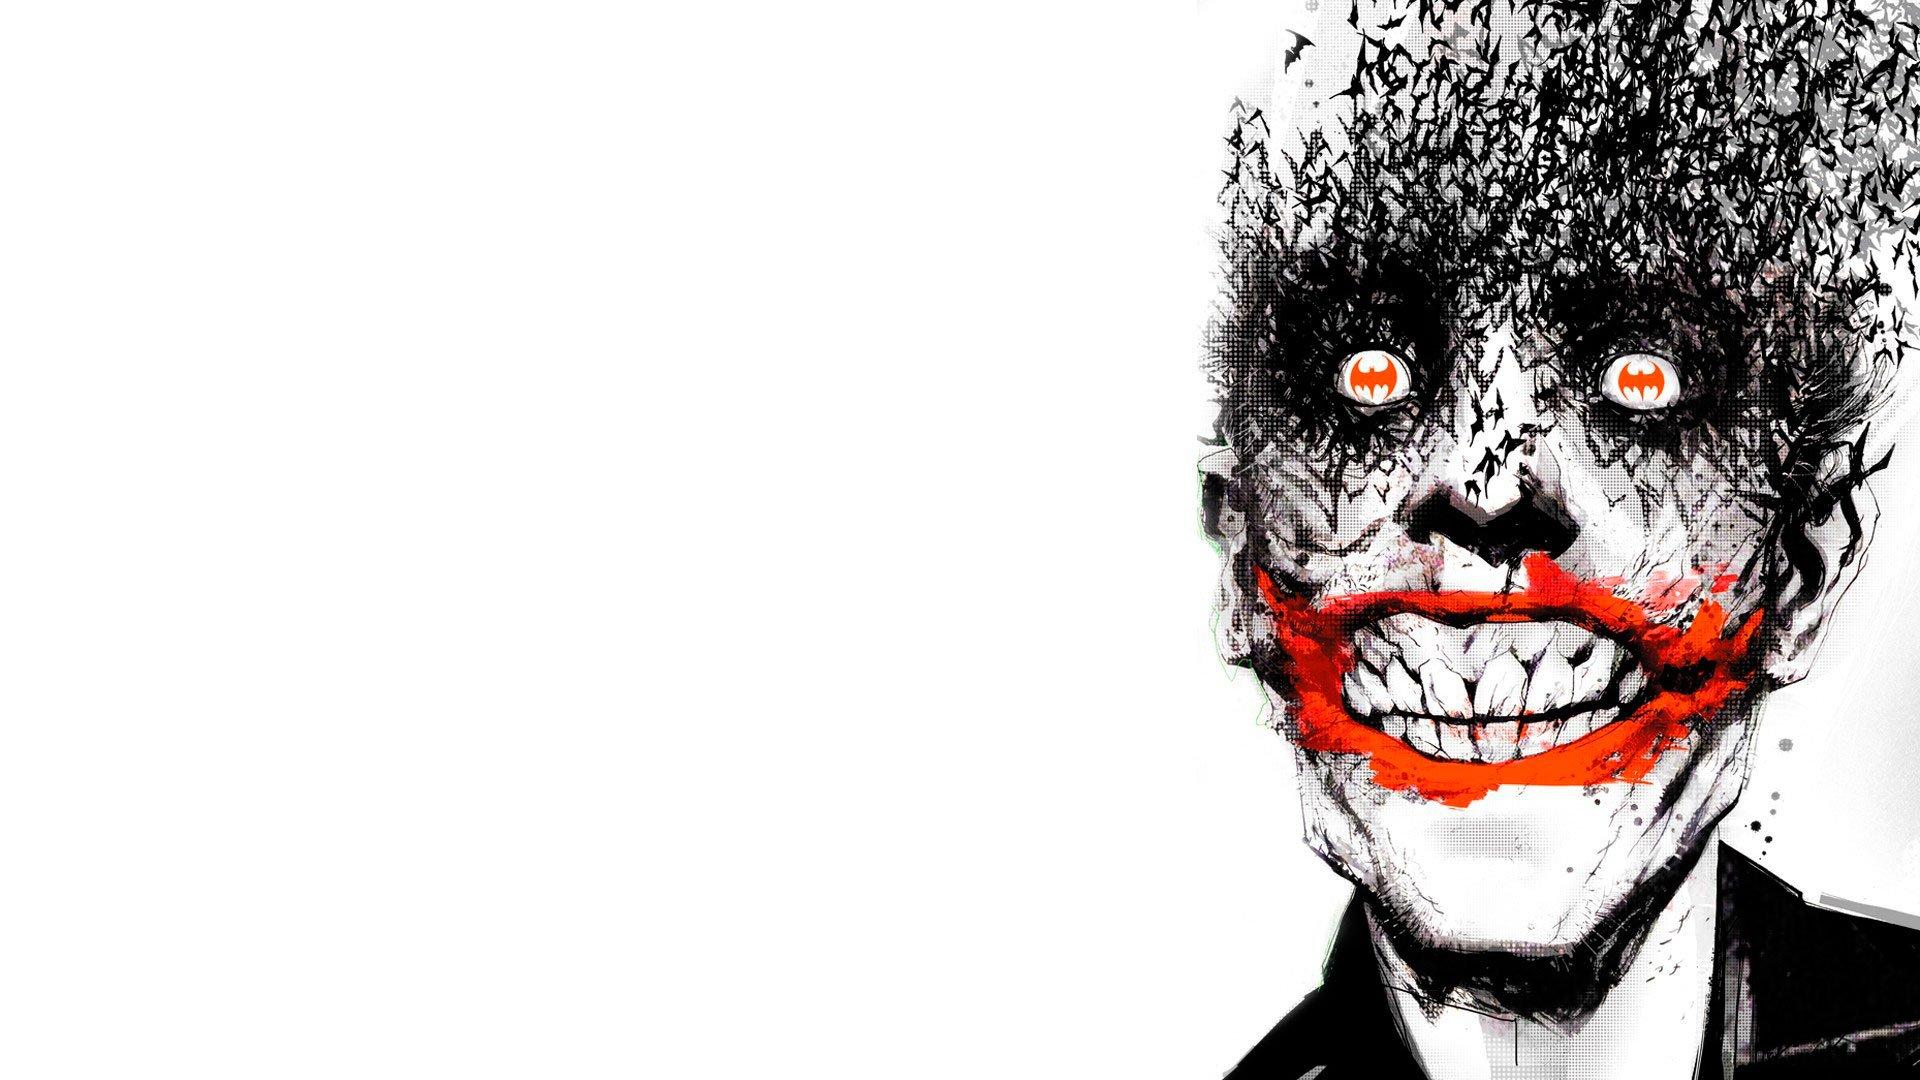 """""""Смерть семьи: и у Бэтмена тоже есть слабости"""" - Изображение 15"""